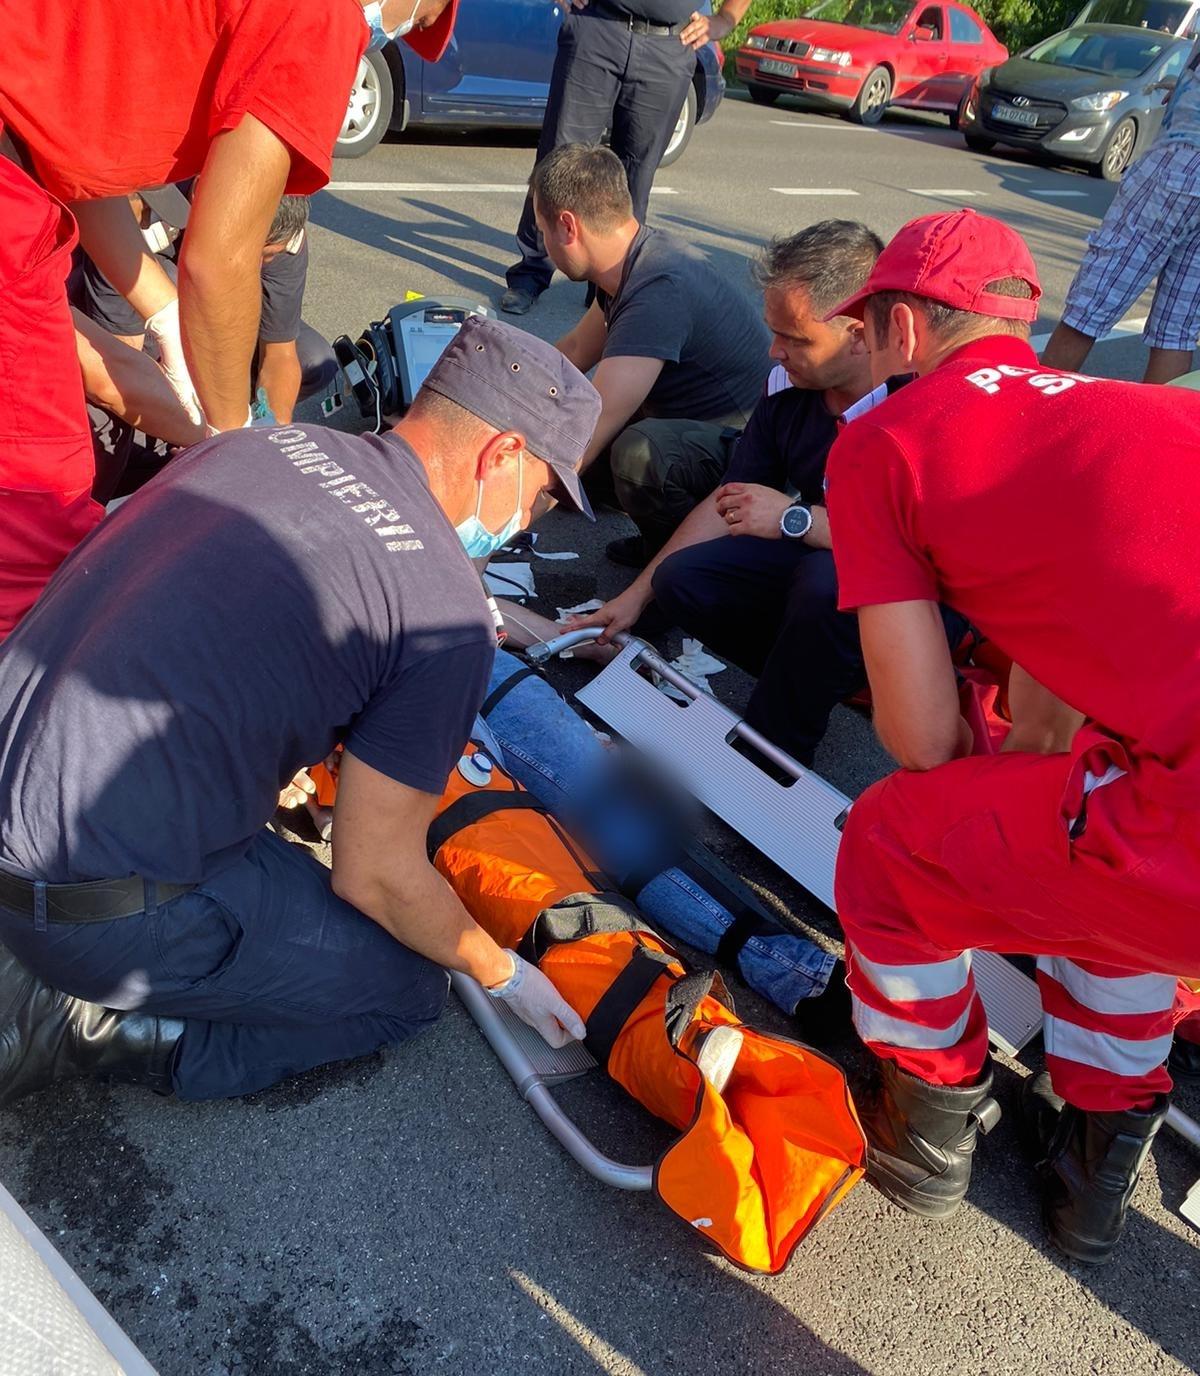 Pompierii buzoieni care se întorceau din Grecia au intervenit la un accident rutier produs în faţa lor